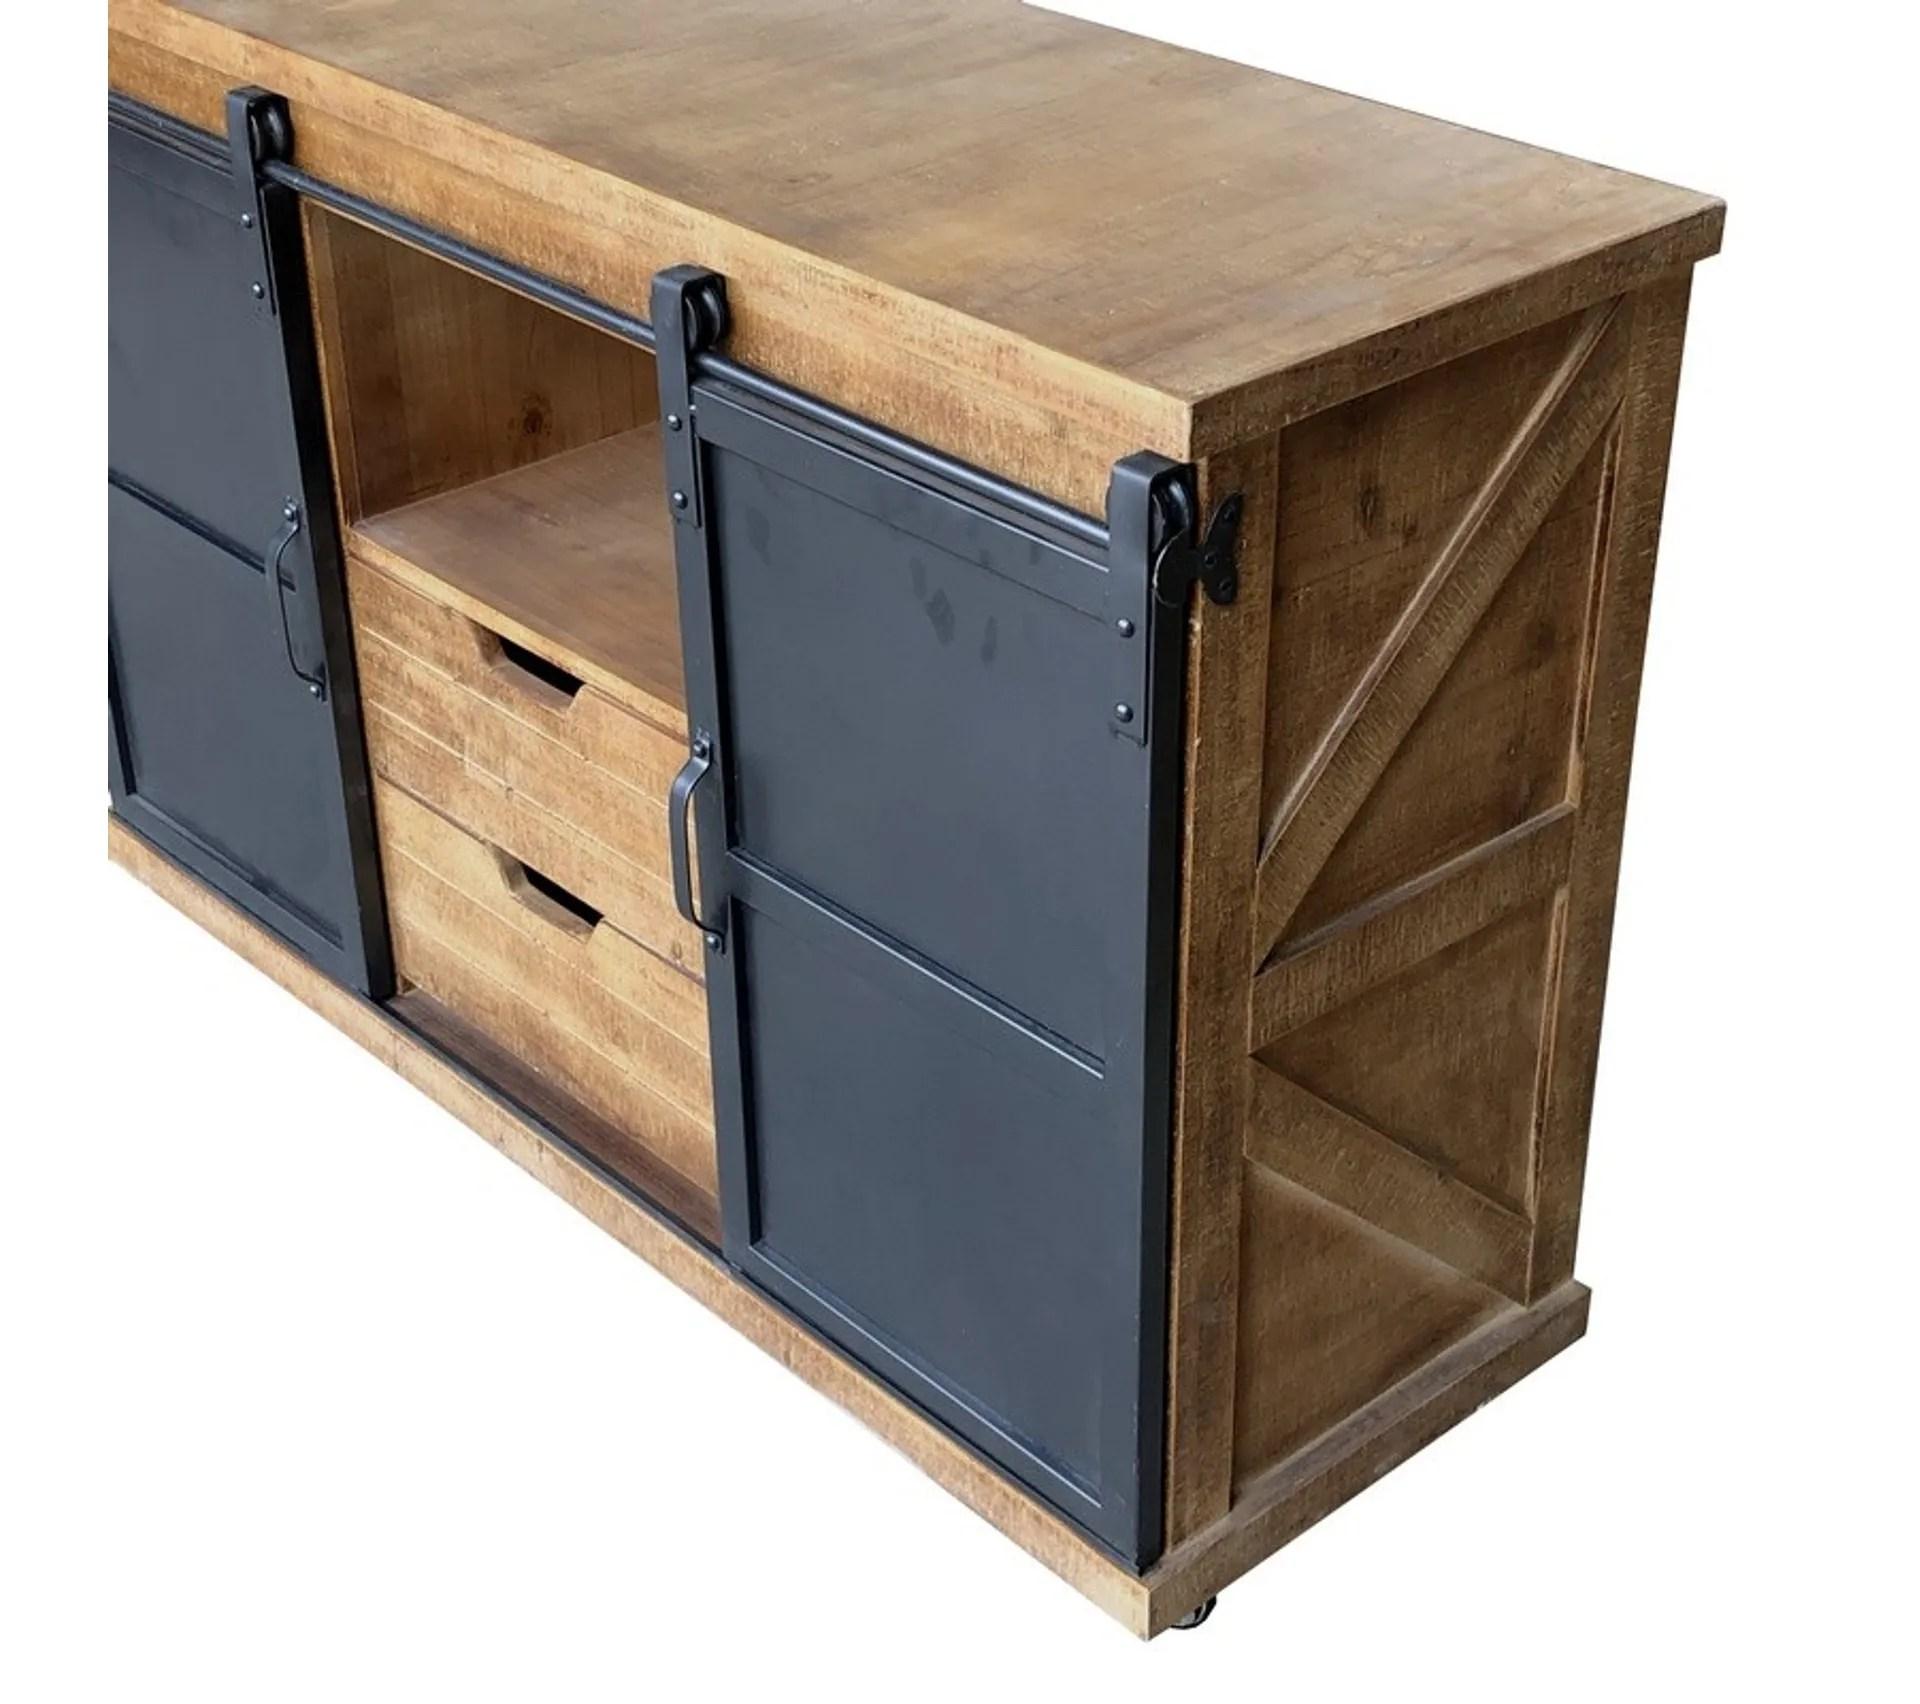 bahut commode portes coulissant industriel bois fer 120 cm x 82 cm x 39 cm